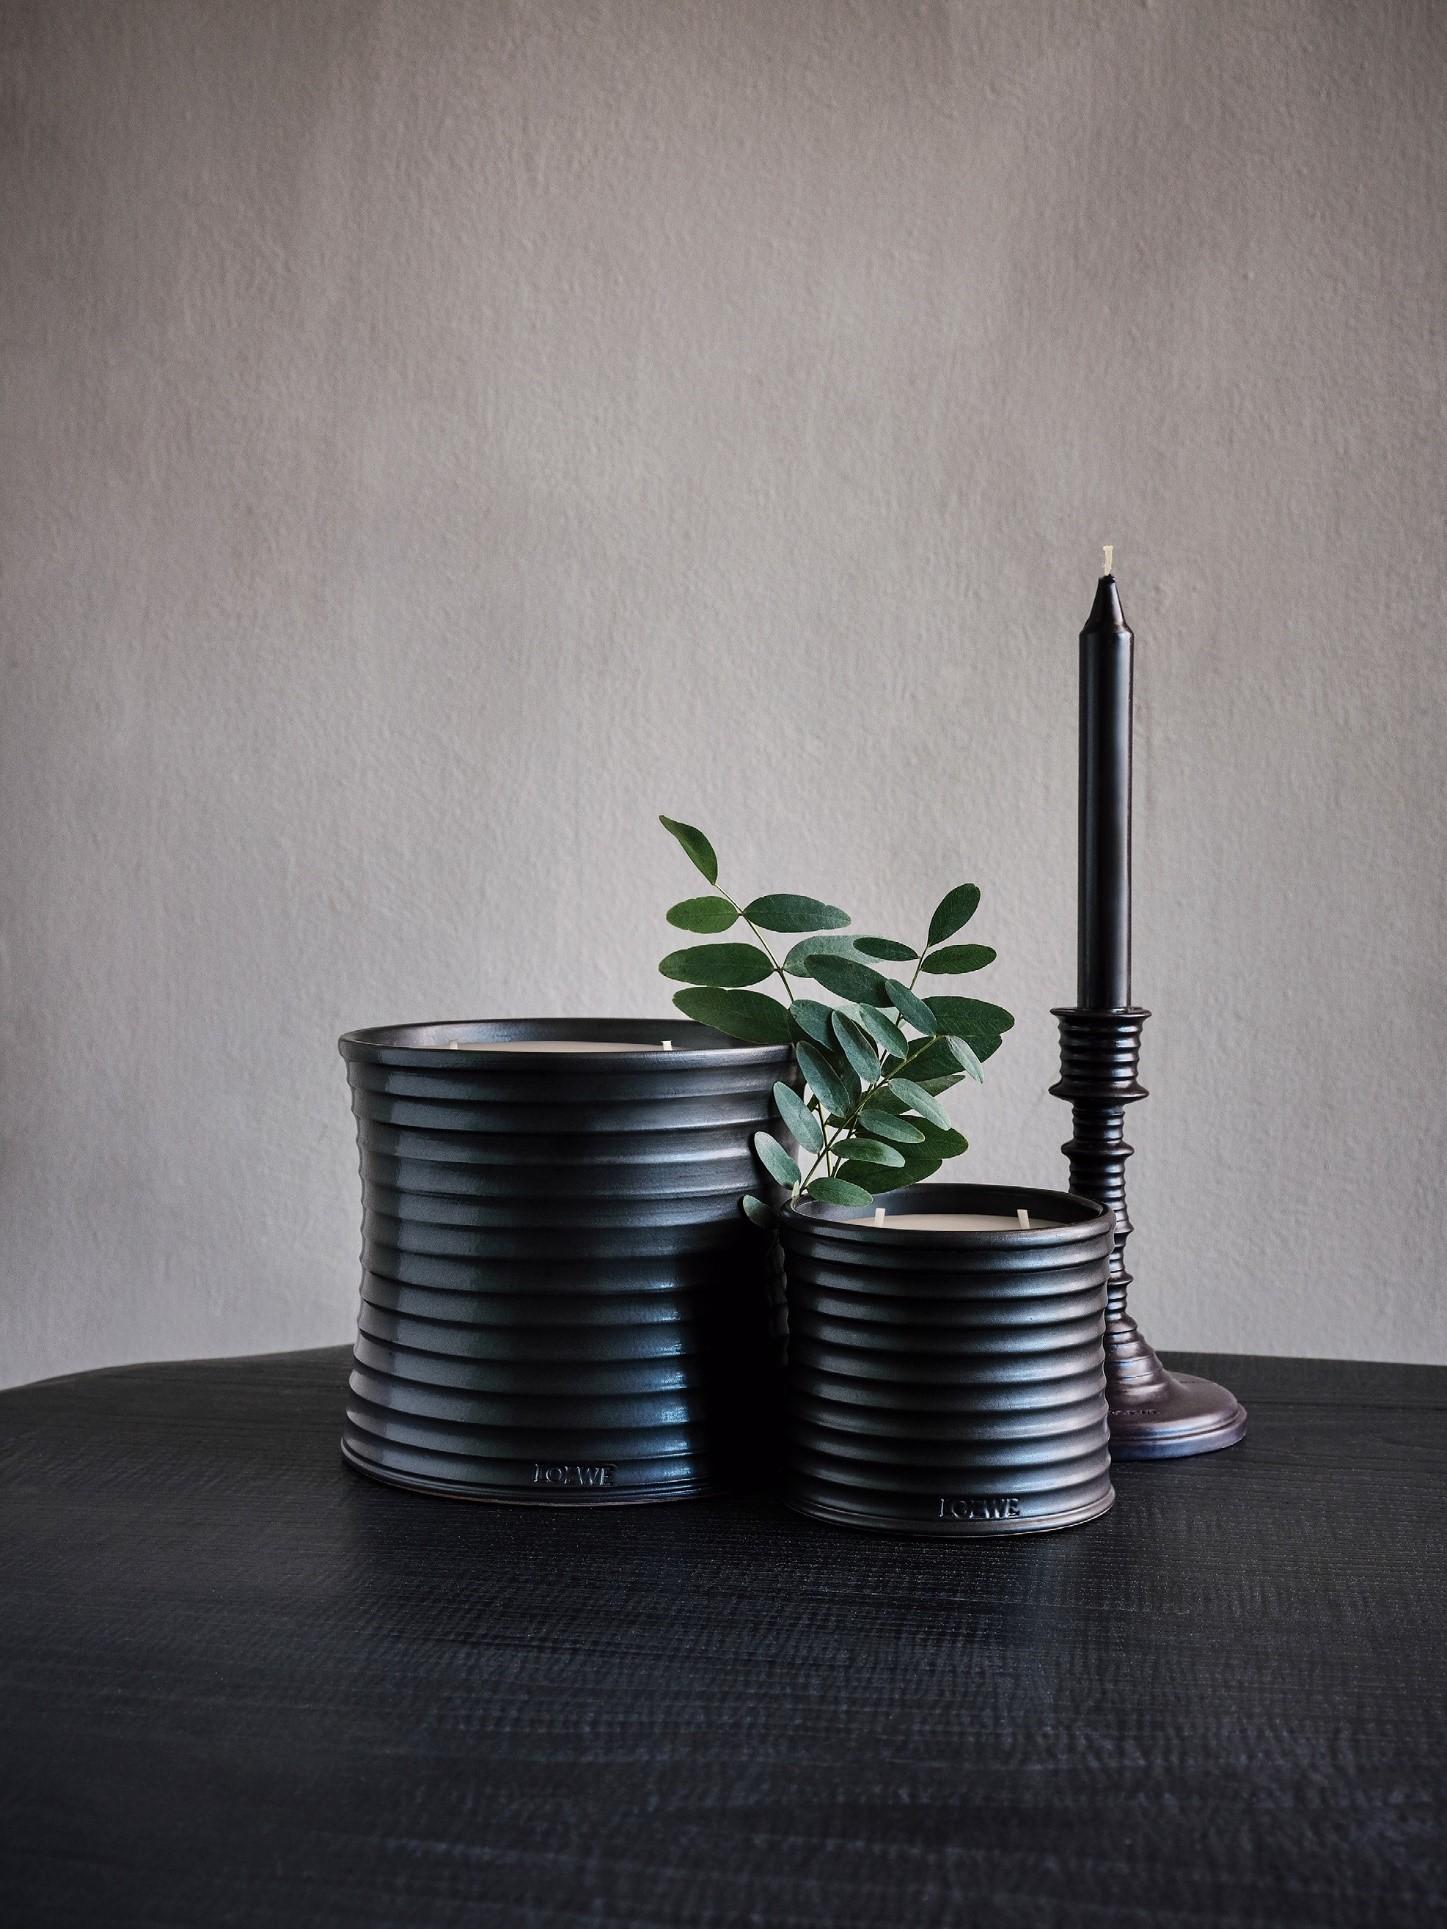 لويفي تقدم تشكيلة جديدة من الشموع ومعطرات الجو